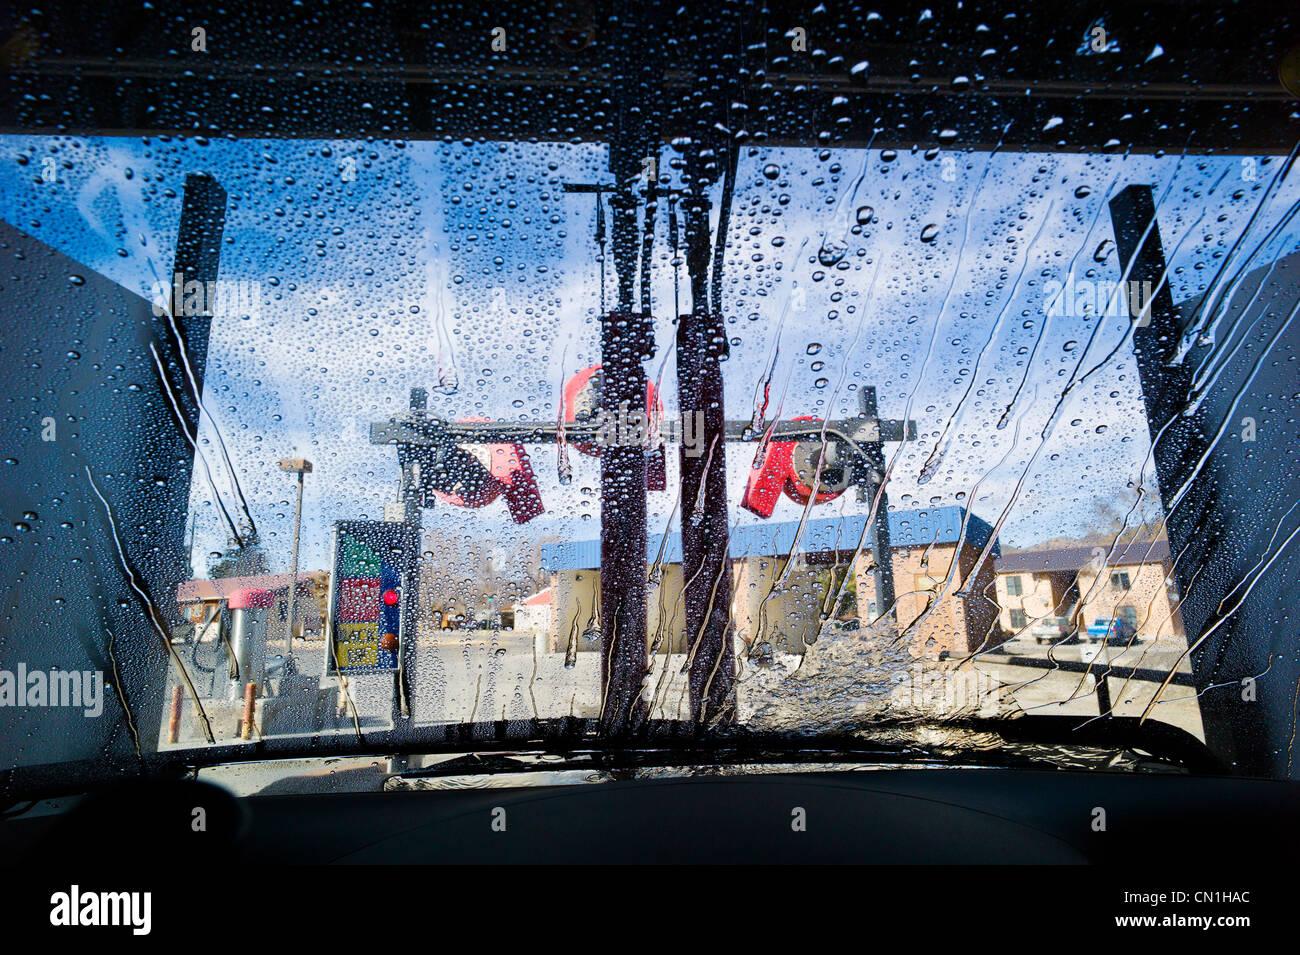 Voir à travers le pare-brise d'une automobile dans un système automatisé de lavage de voiture. Photo Stock